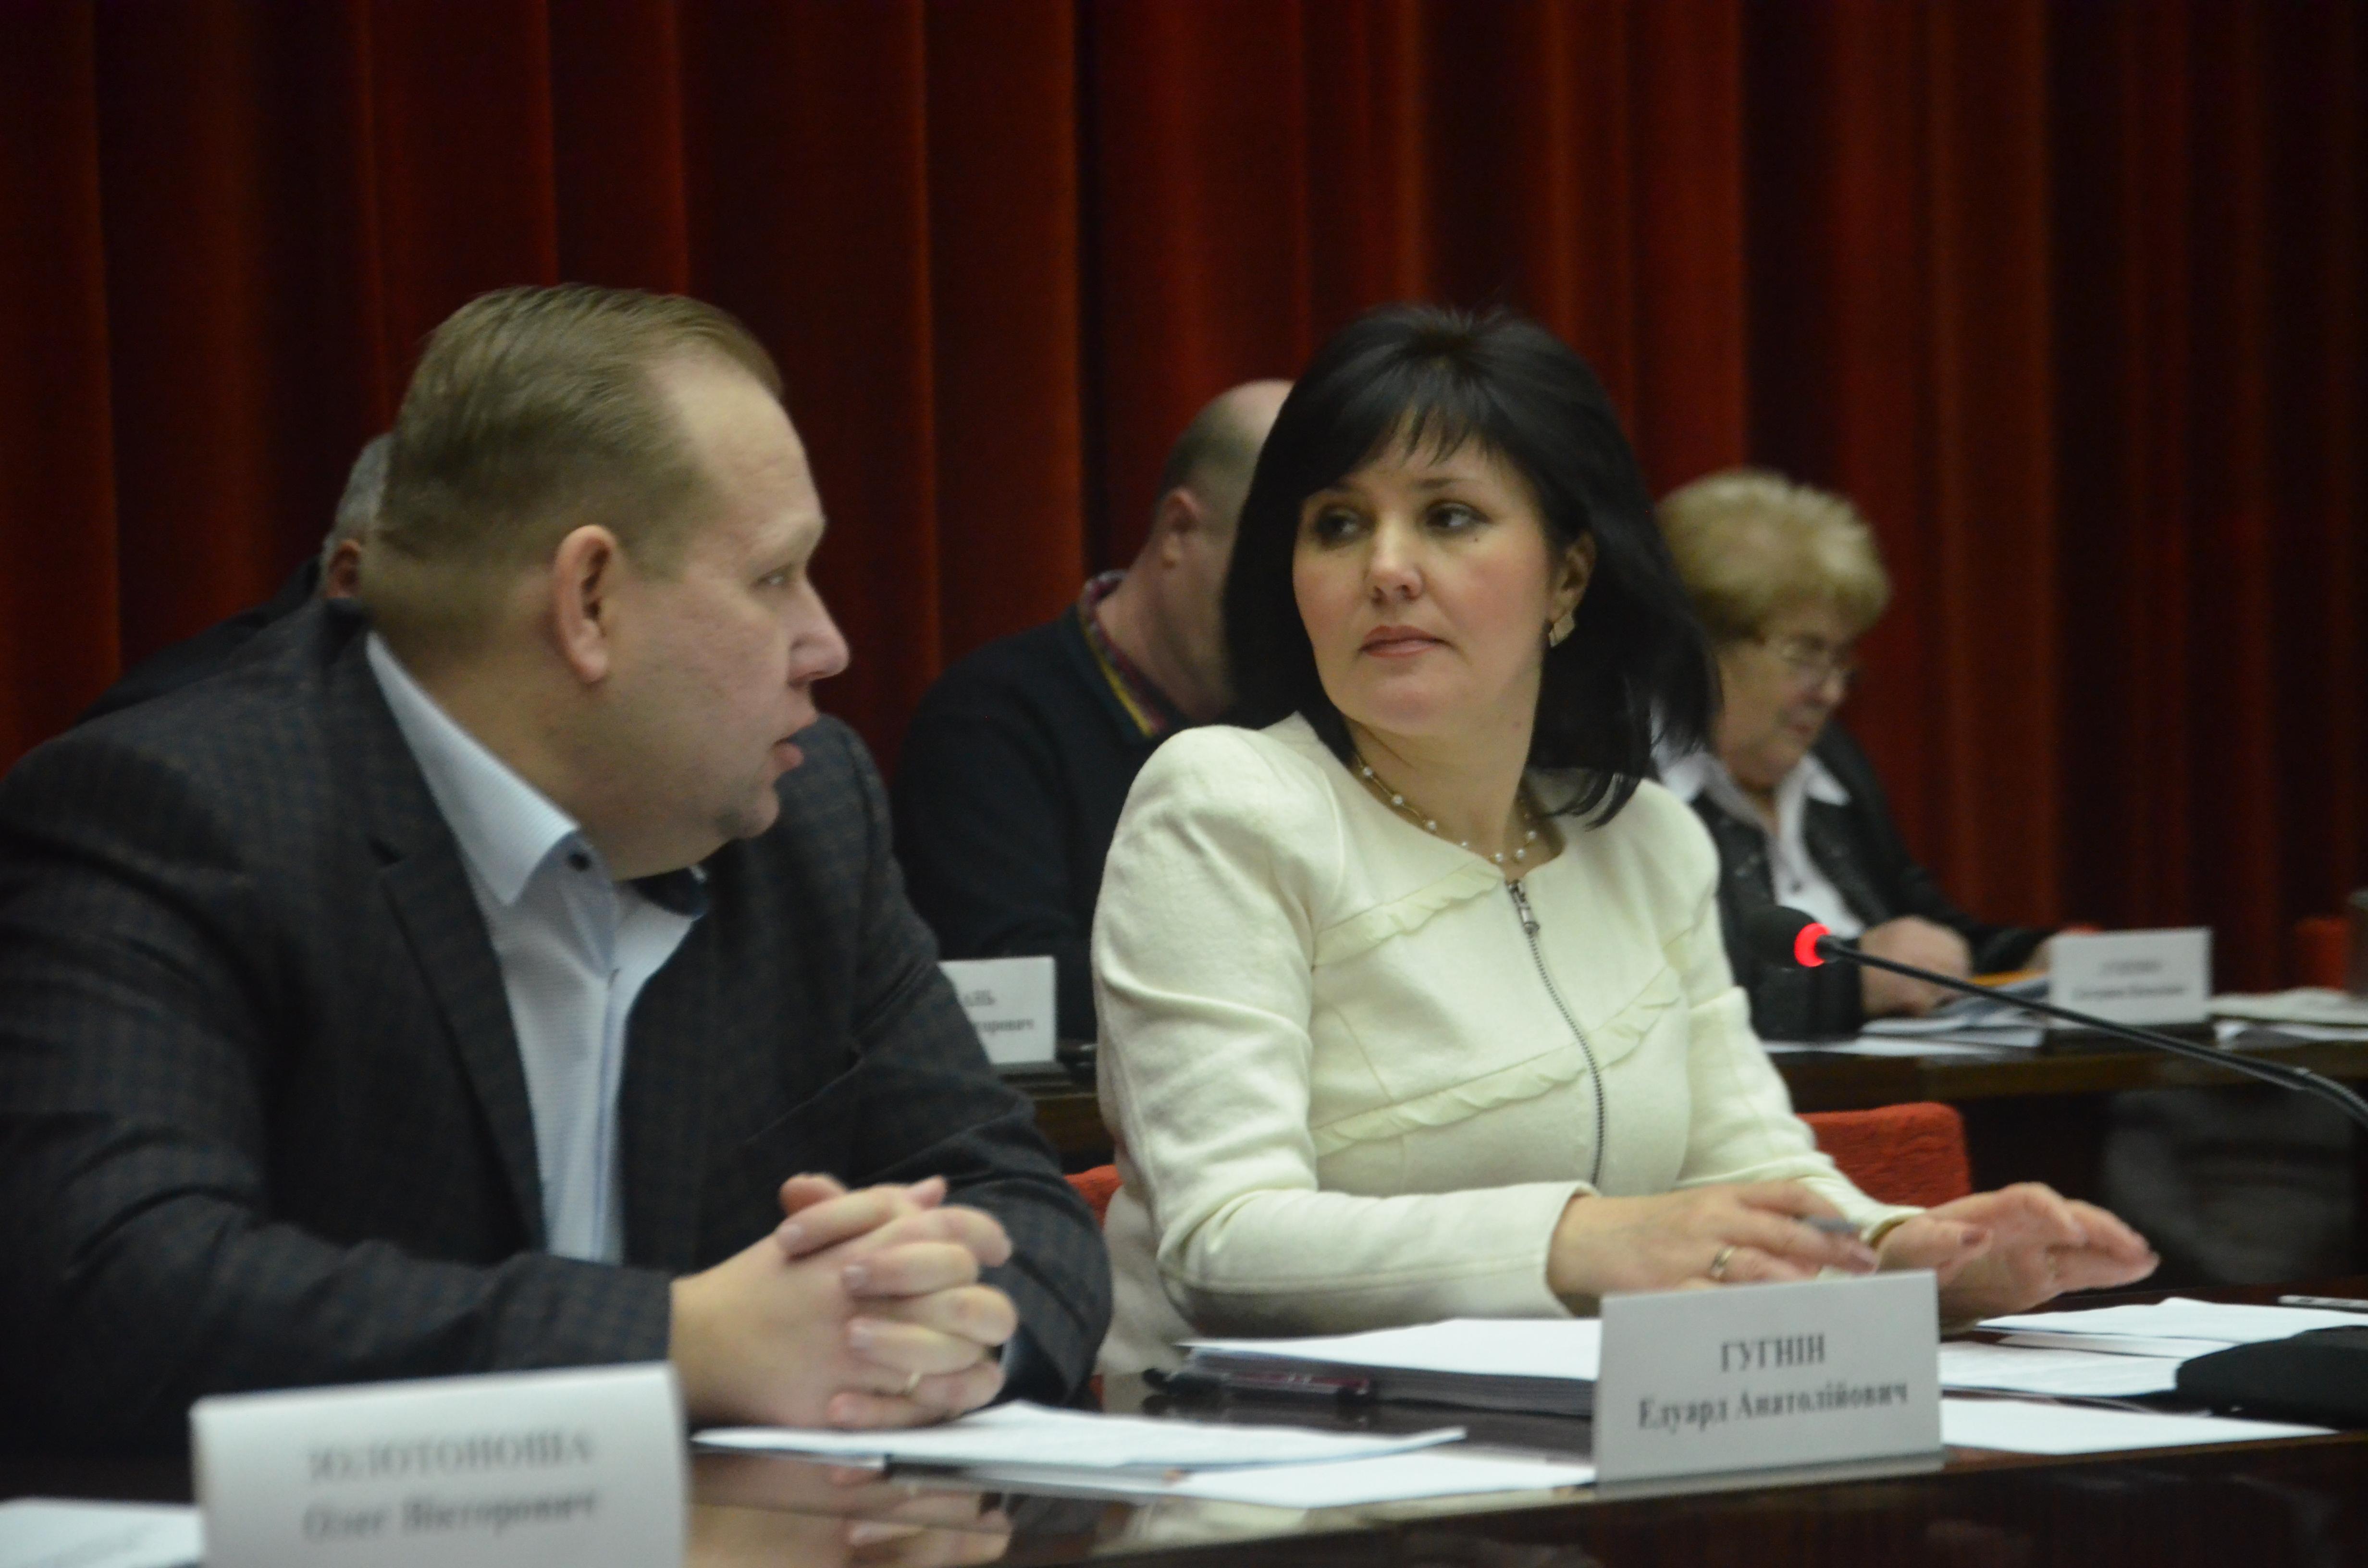 Заместитель губернатора Зинаида Бойко не видит конфликта интересов в скандале с ее невесткой и консультациями в департаменте ОГА